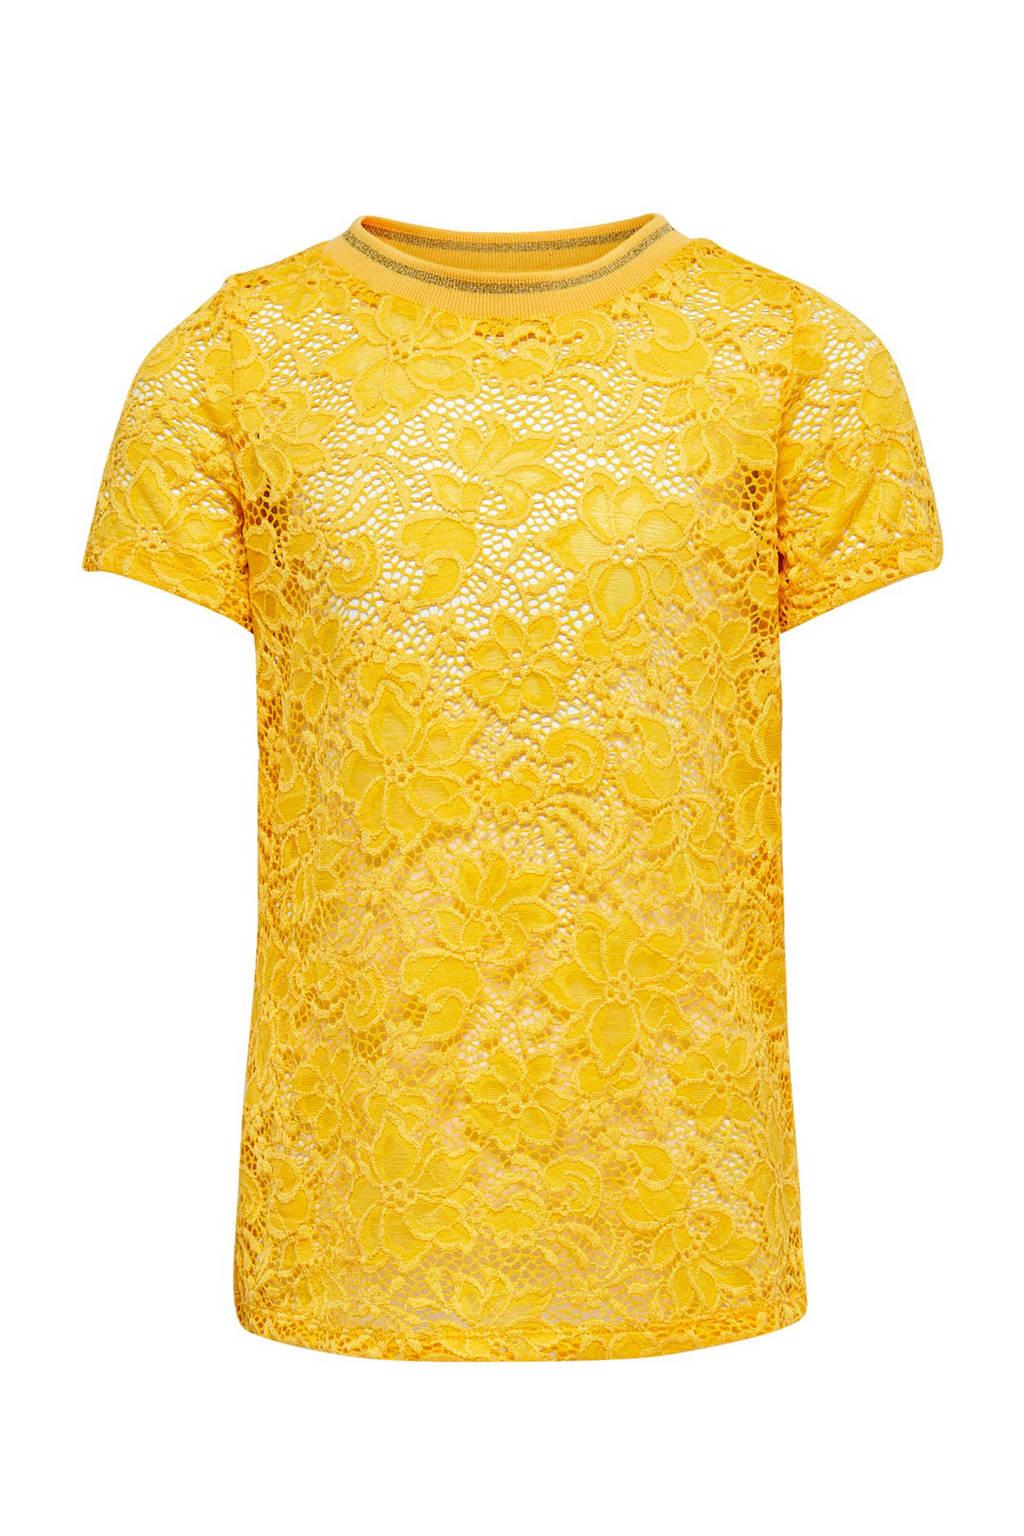 KIDSONLY kanten top Amaze geel, Geel